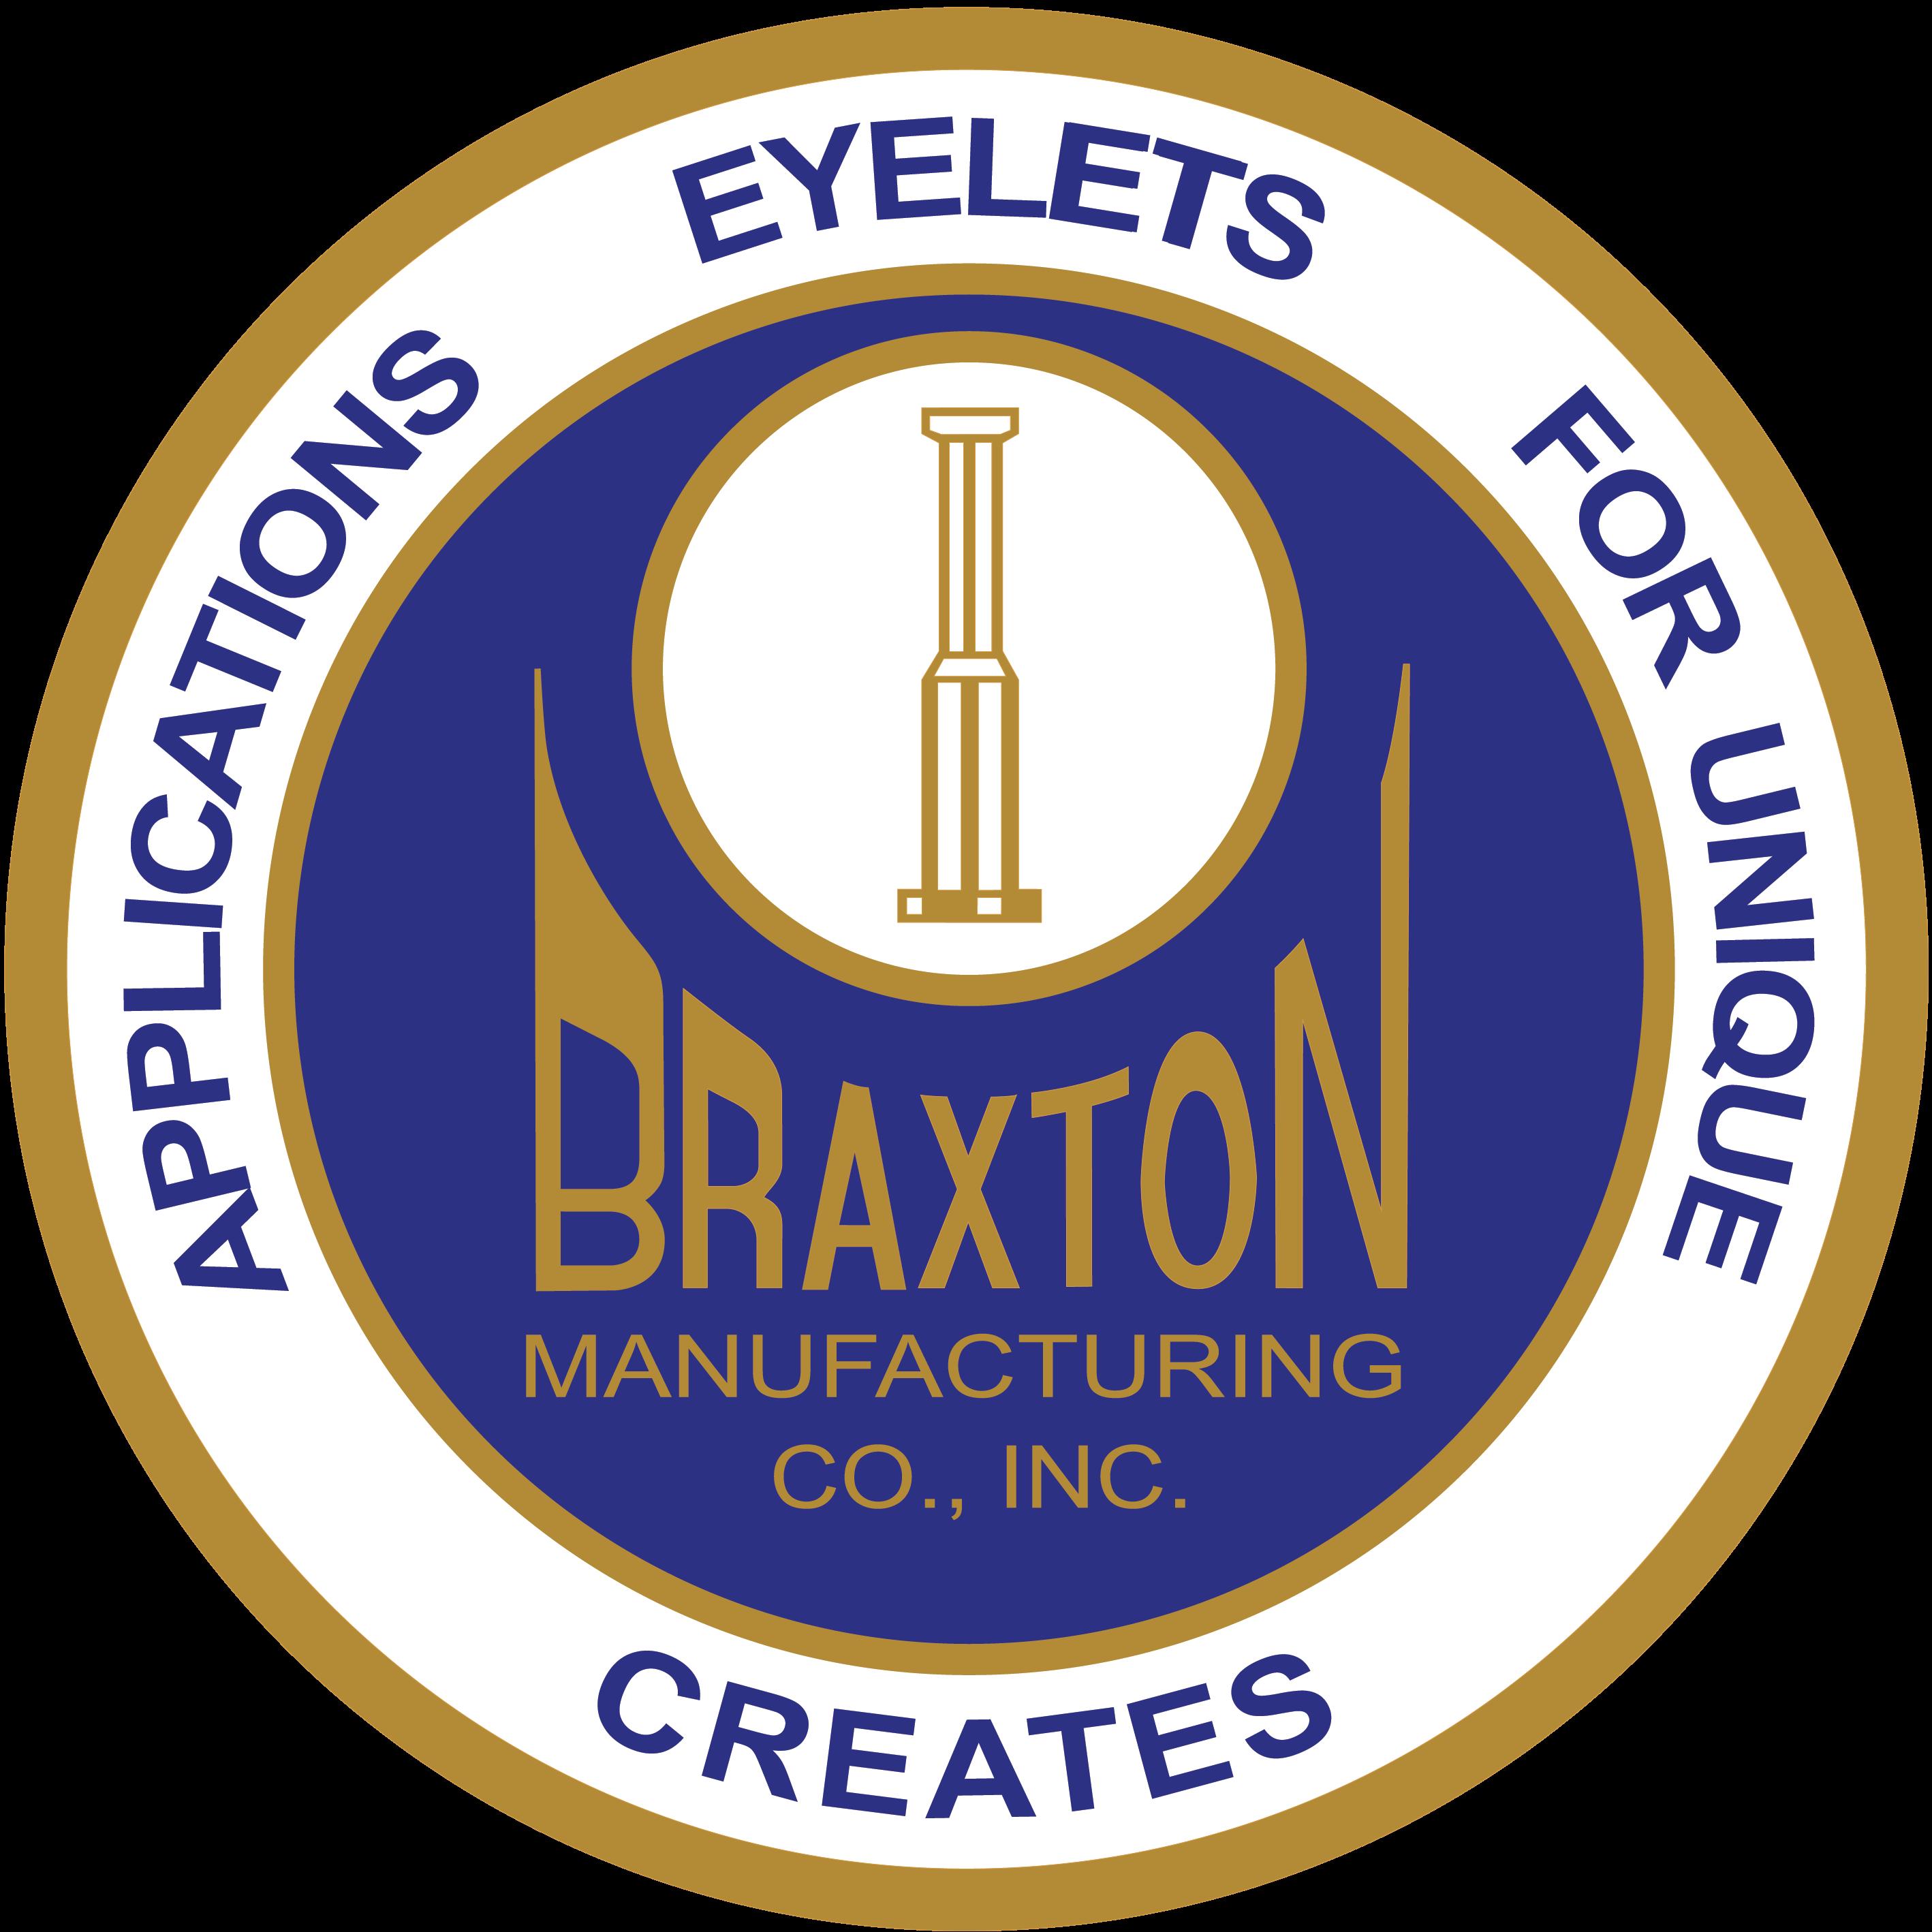 Braxton Manufacturing logo